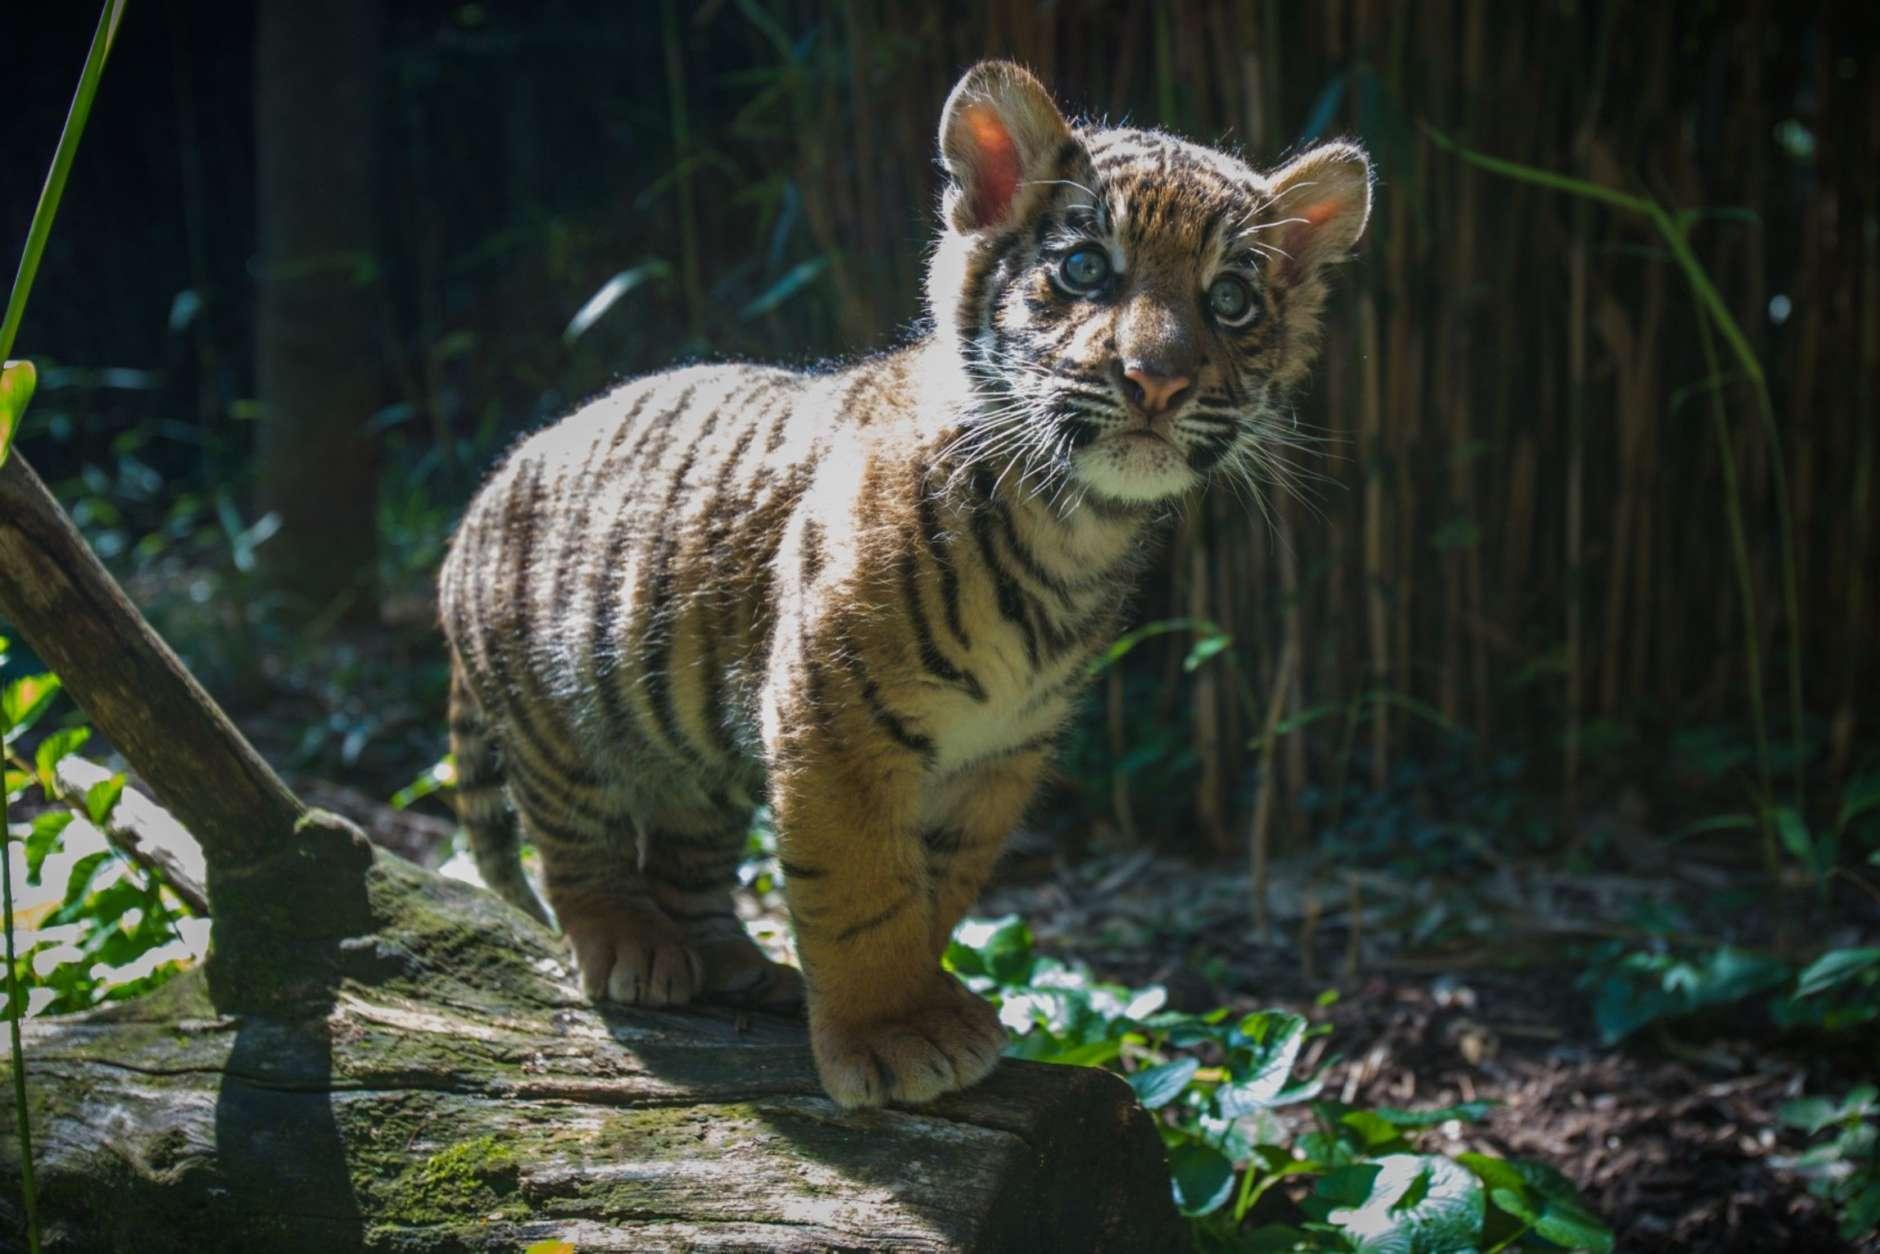 Tiger cub photo